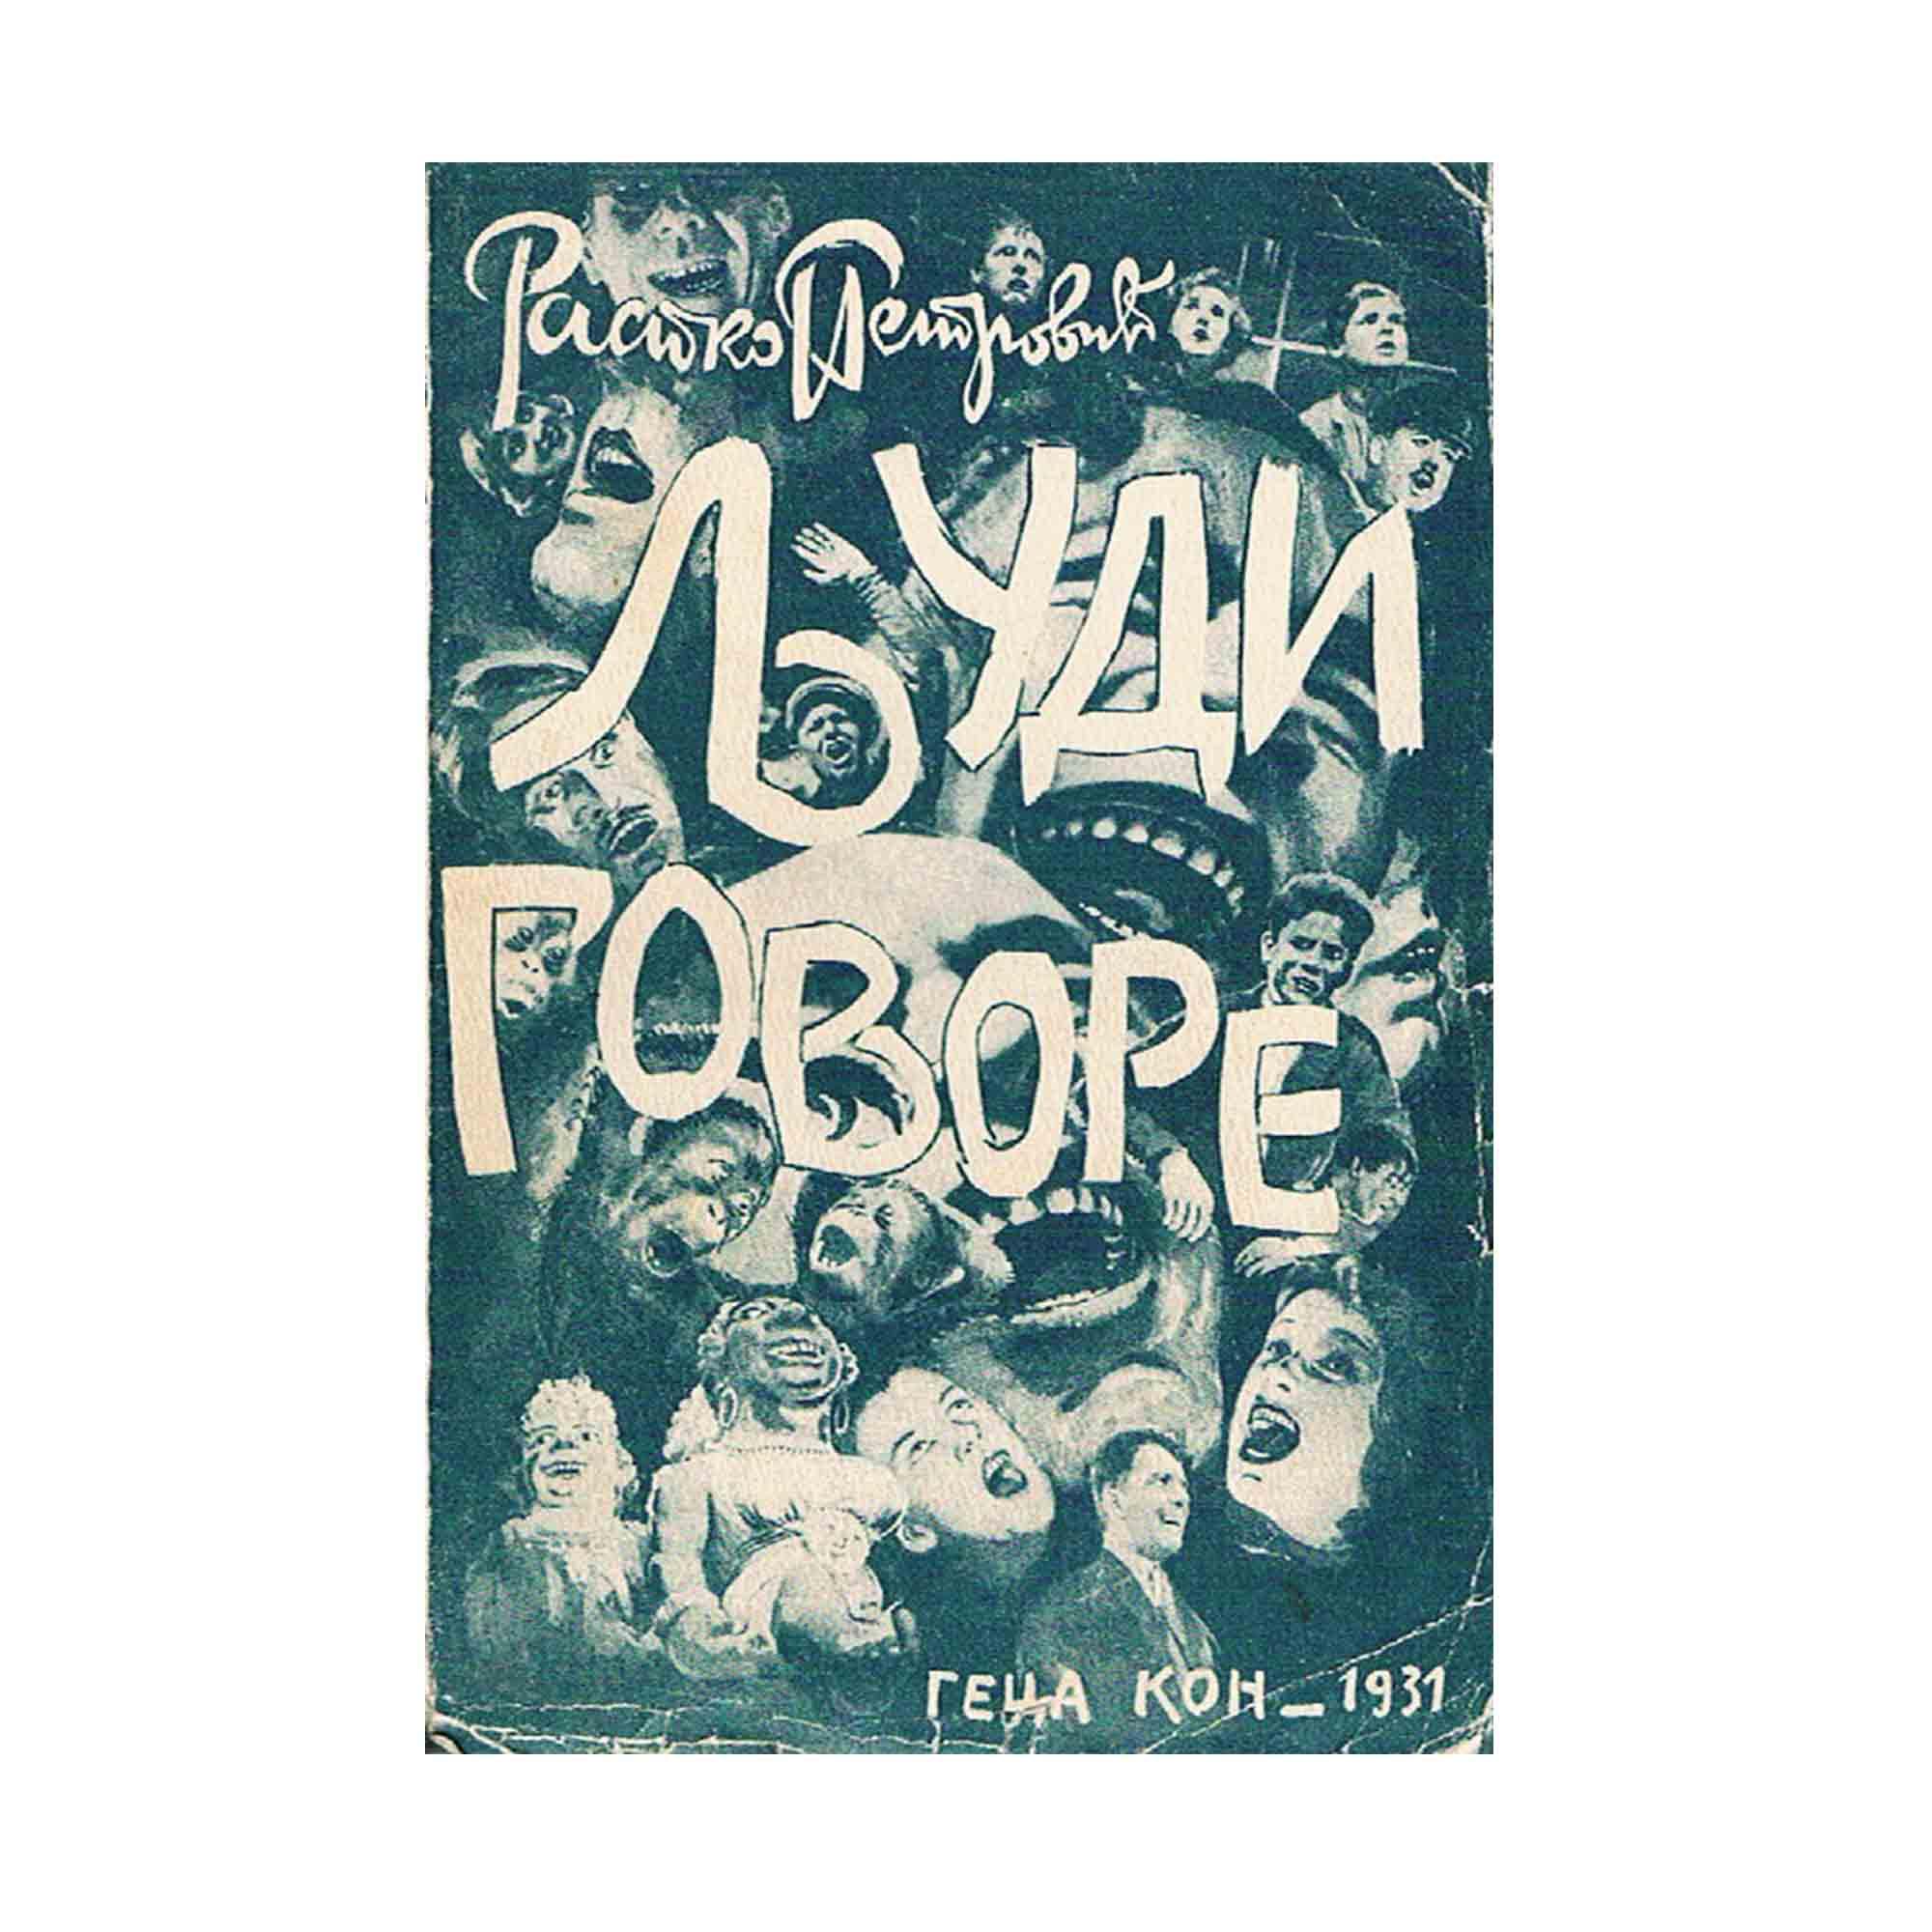 5077-Petrovich-Ljudi-Govore-1930-Cover-N.jpeg